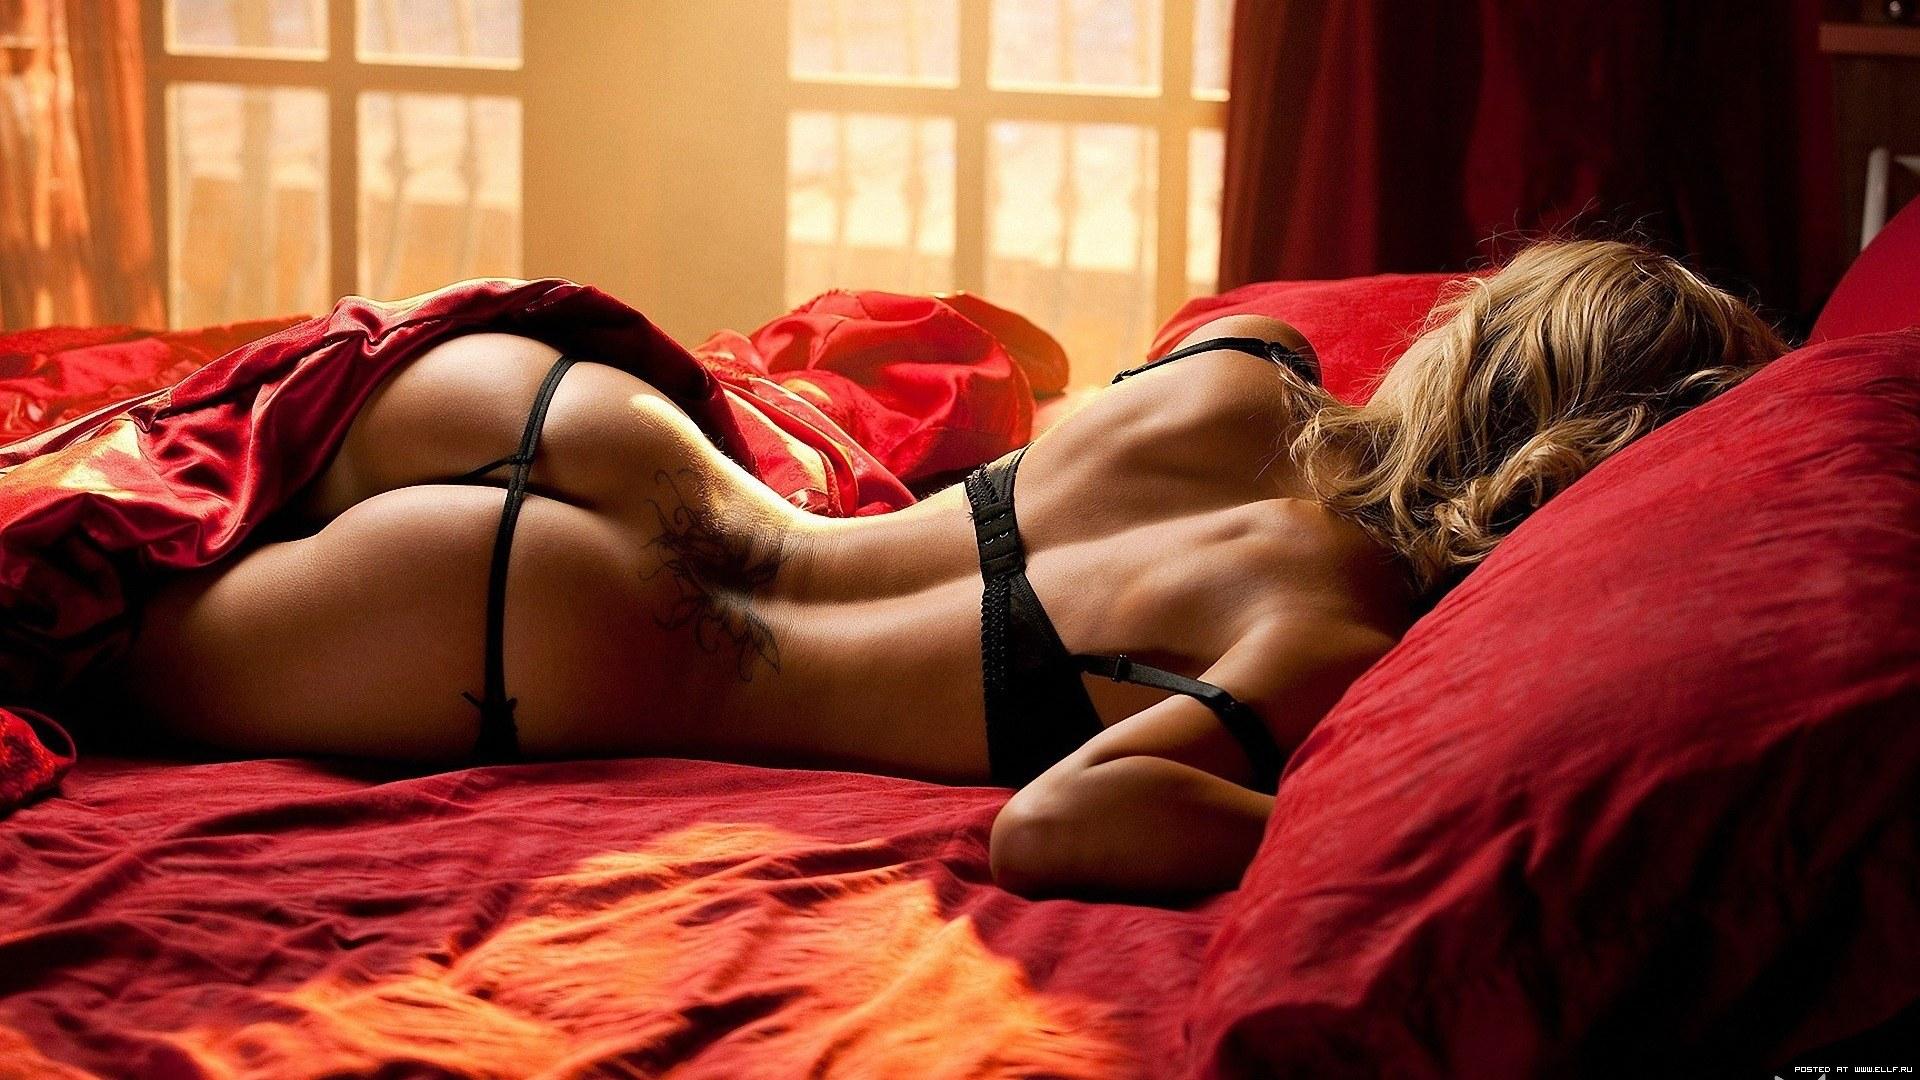 Эротика красивые девушки трахаются фотки 168